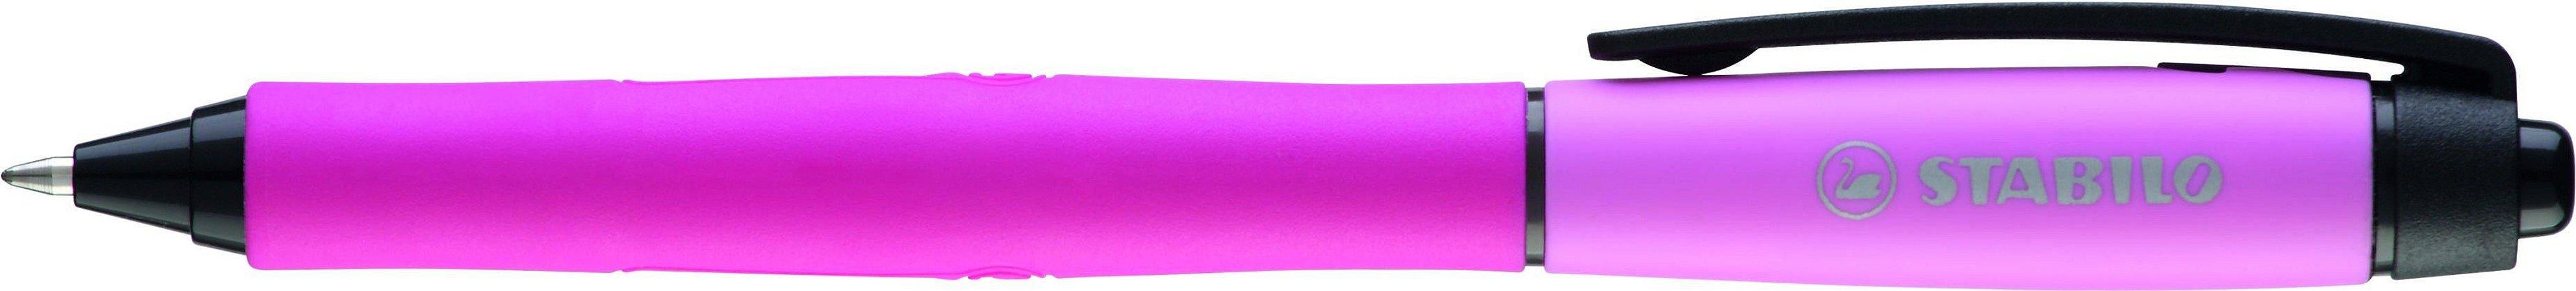 Caneta Stabilo Palette Rosa Tinta Preta